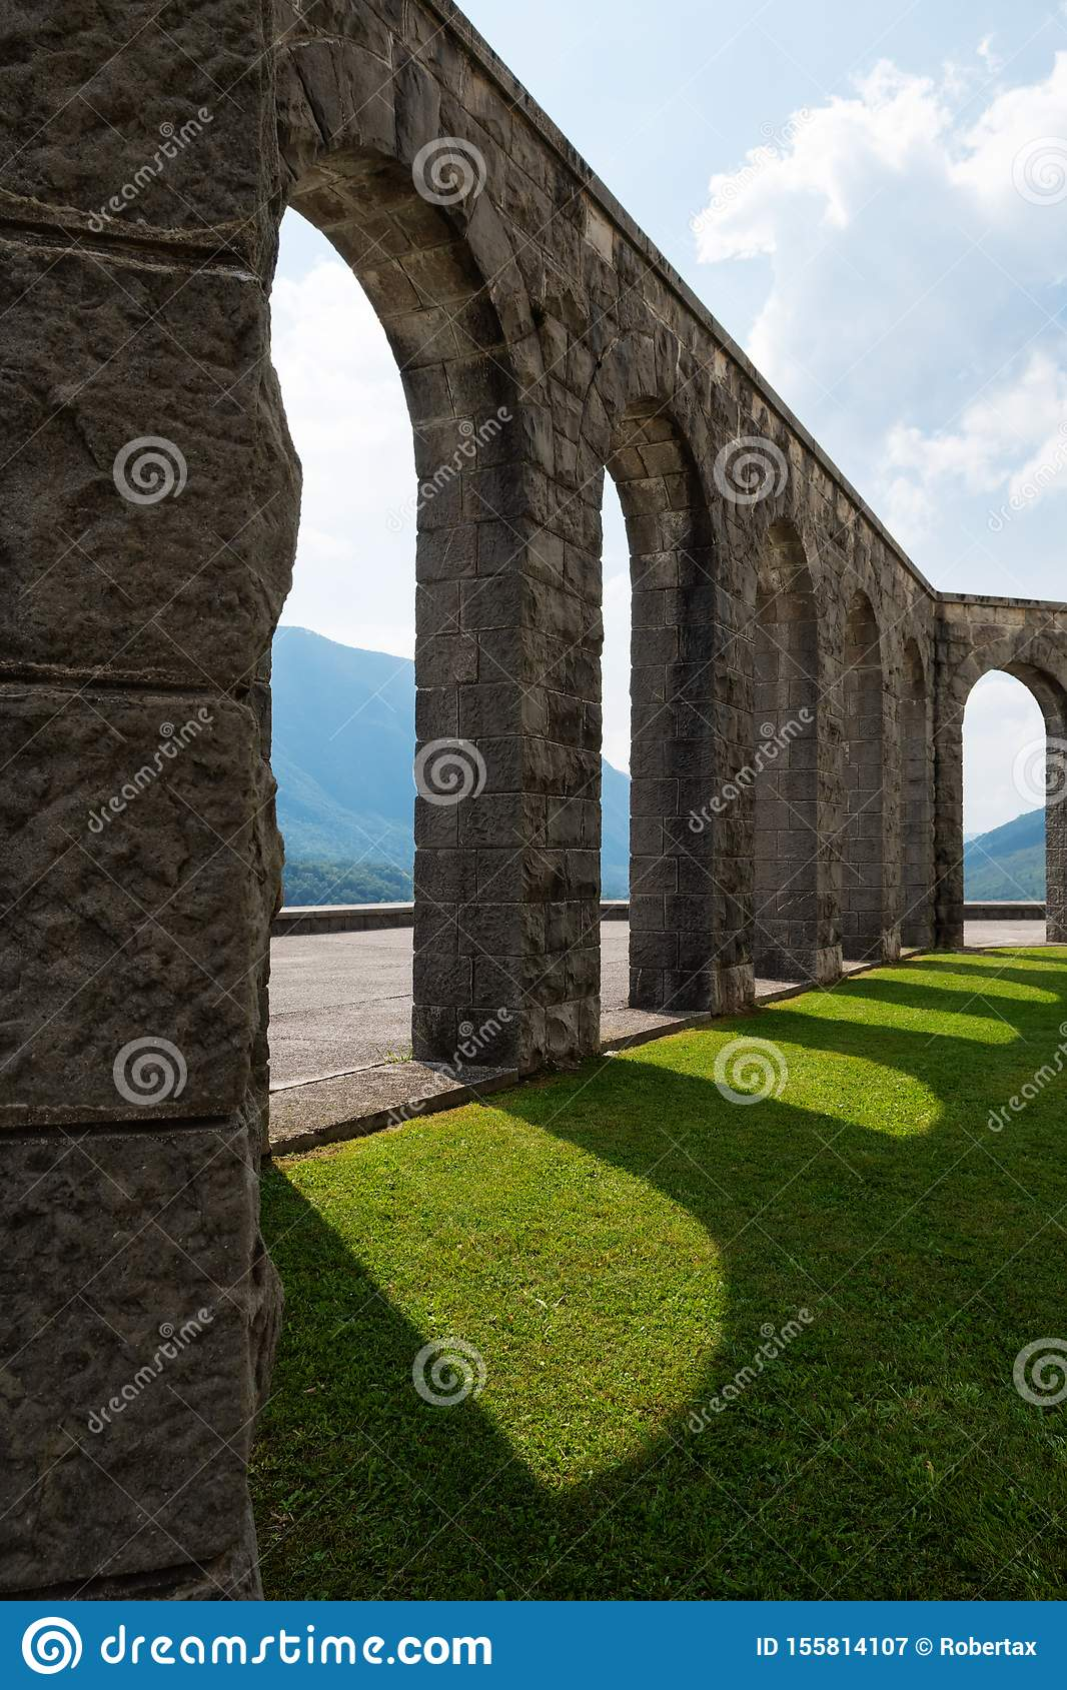 Stony arcades of World War I memorial place near Kobarid, Slovenia